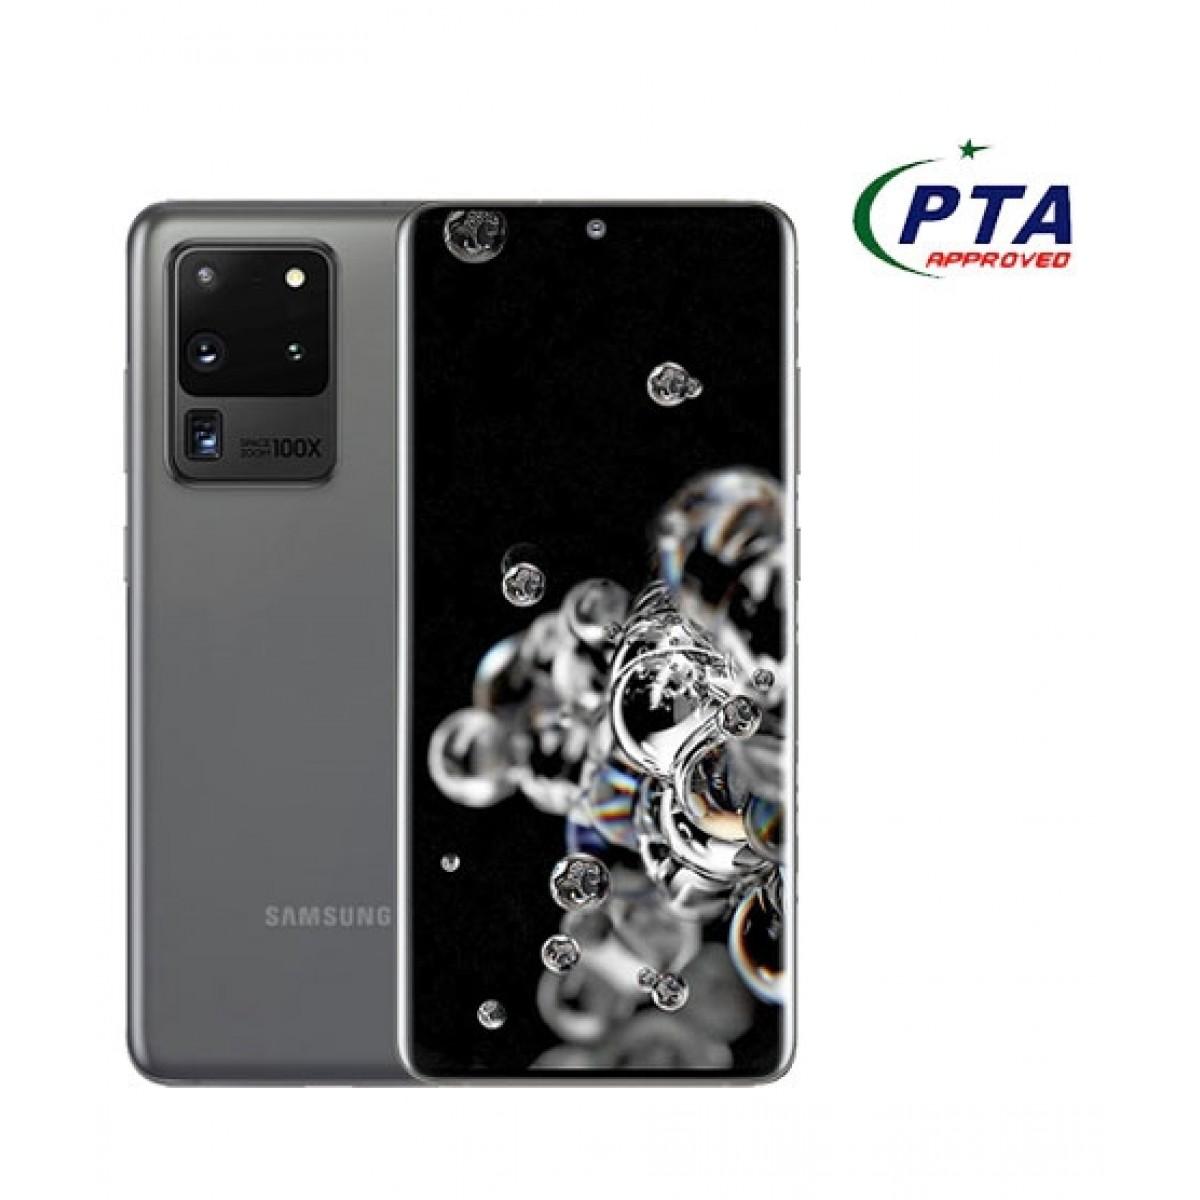 Samsung Galaxy S20 Ultra (12GB - 128GB)